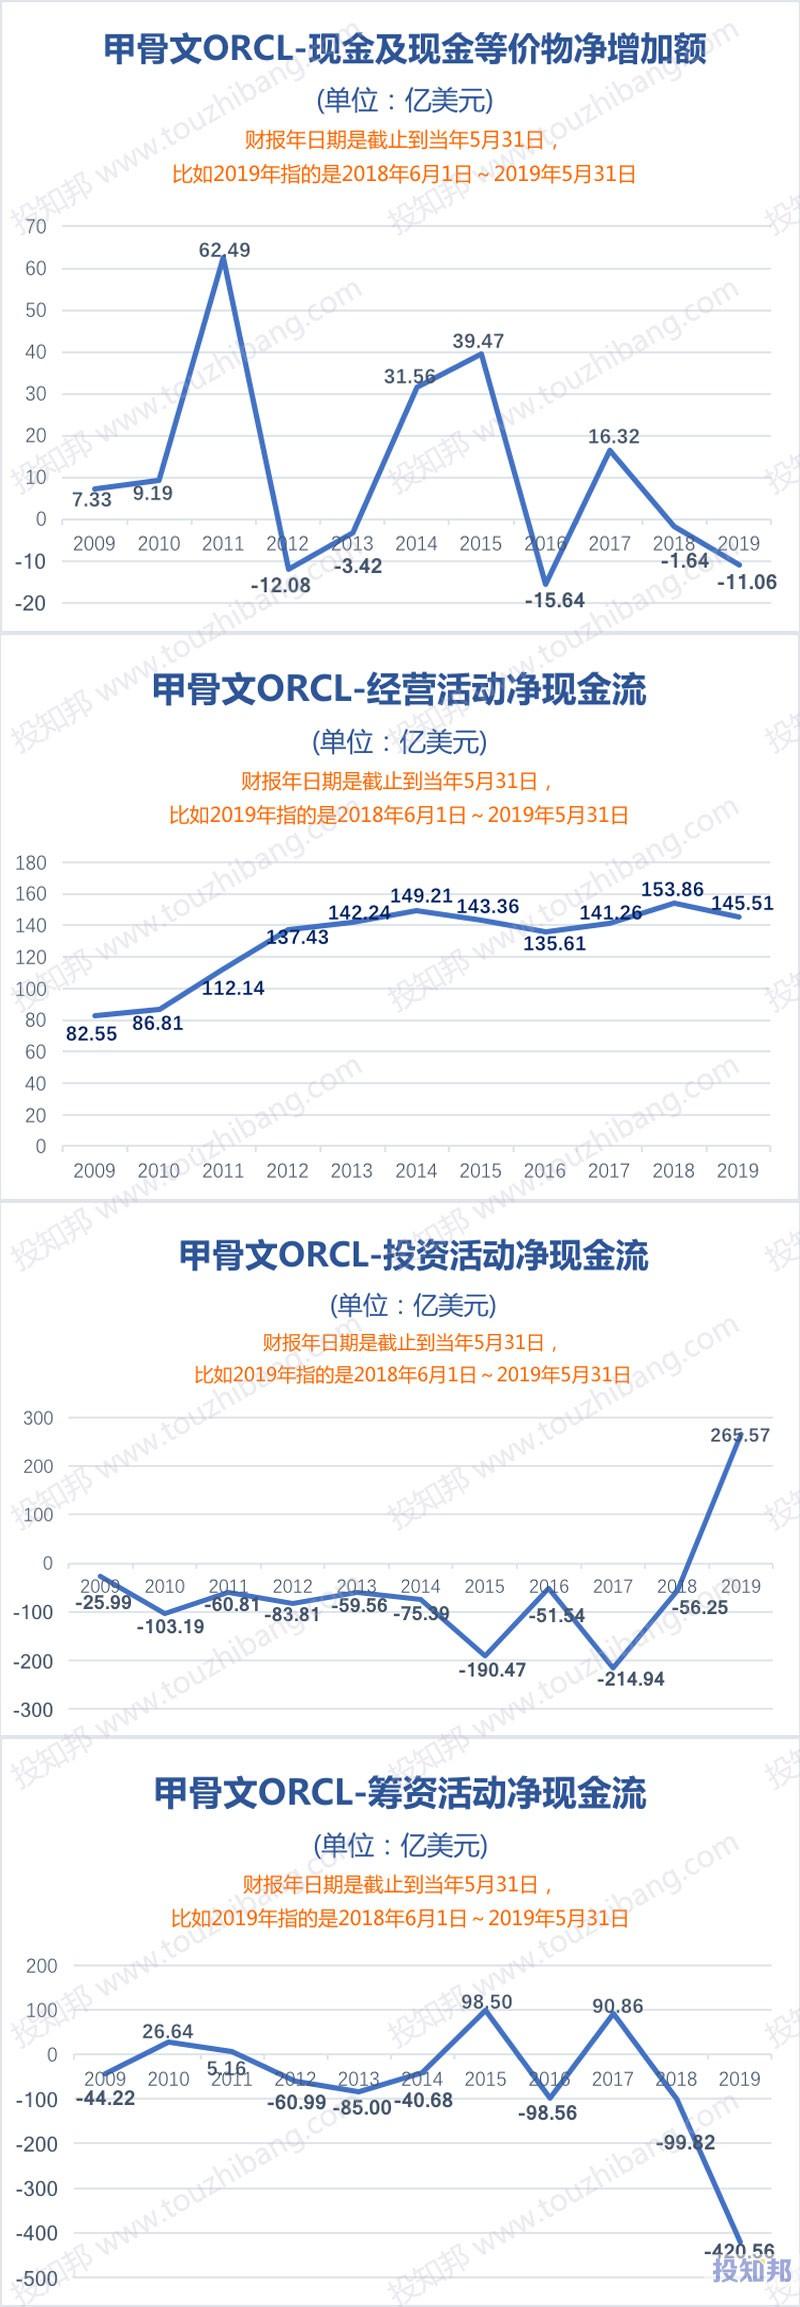 图解甲骨文(ORCL)财报数据(2009年~2019财报年,更新)